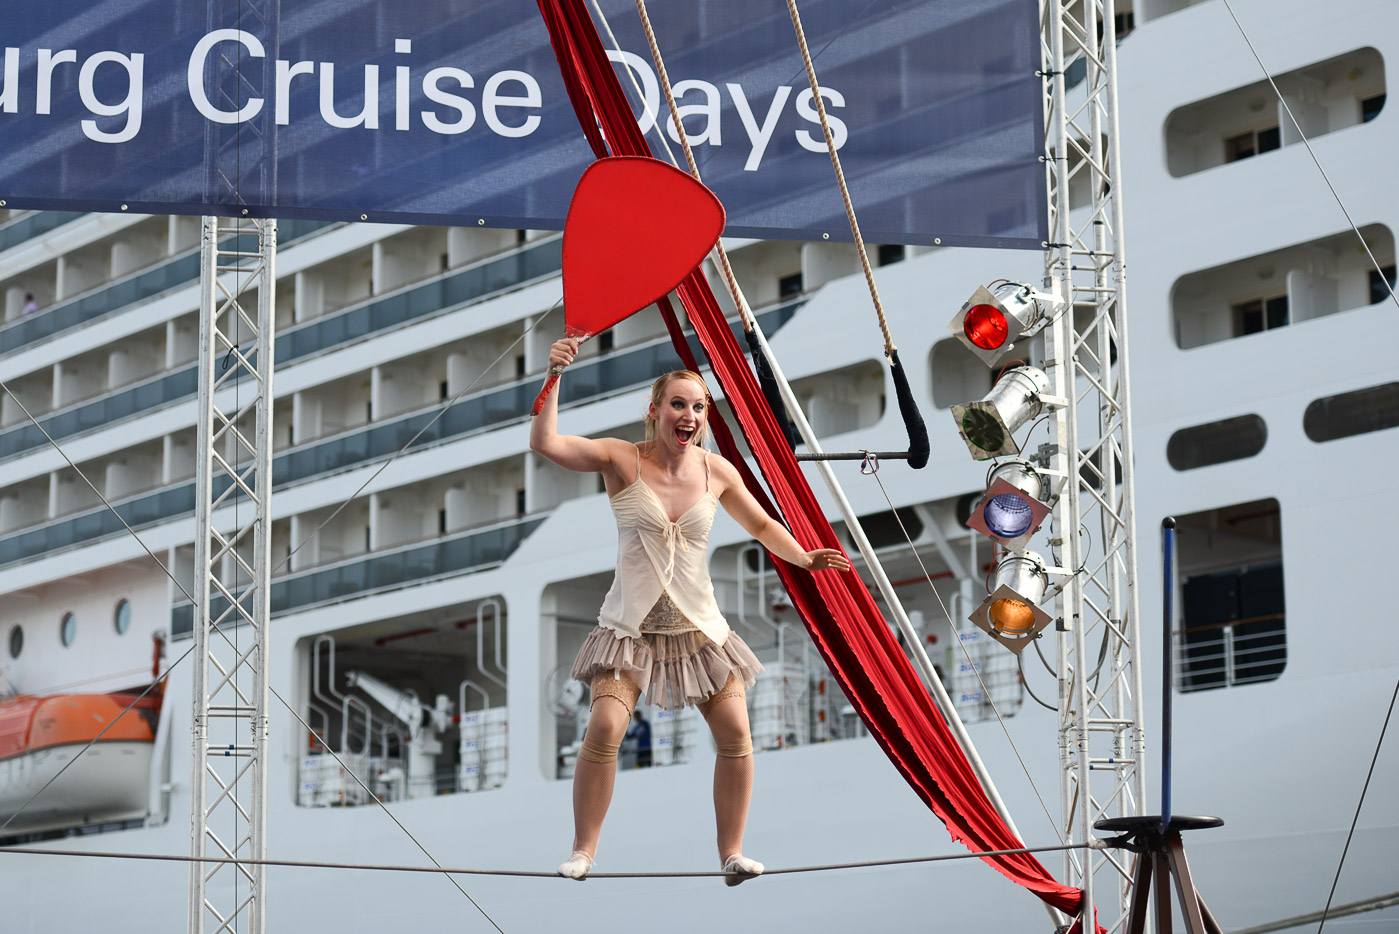 Foto 15091341 HafenCity Hamburg Cruise Days 2015